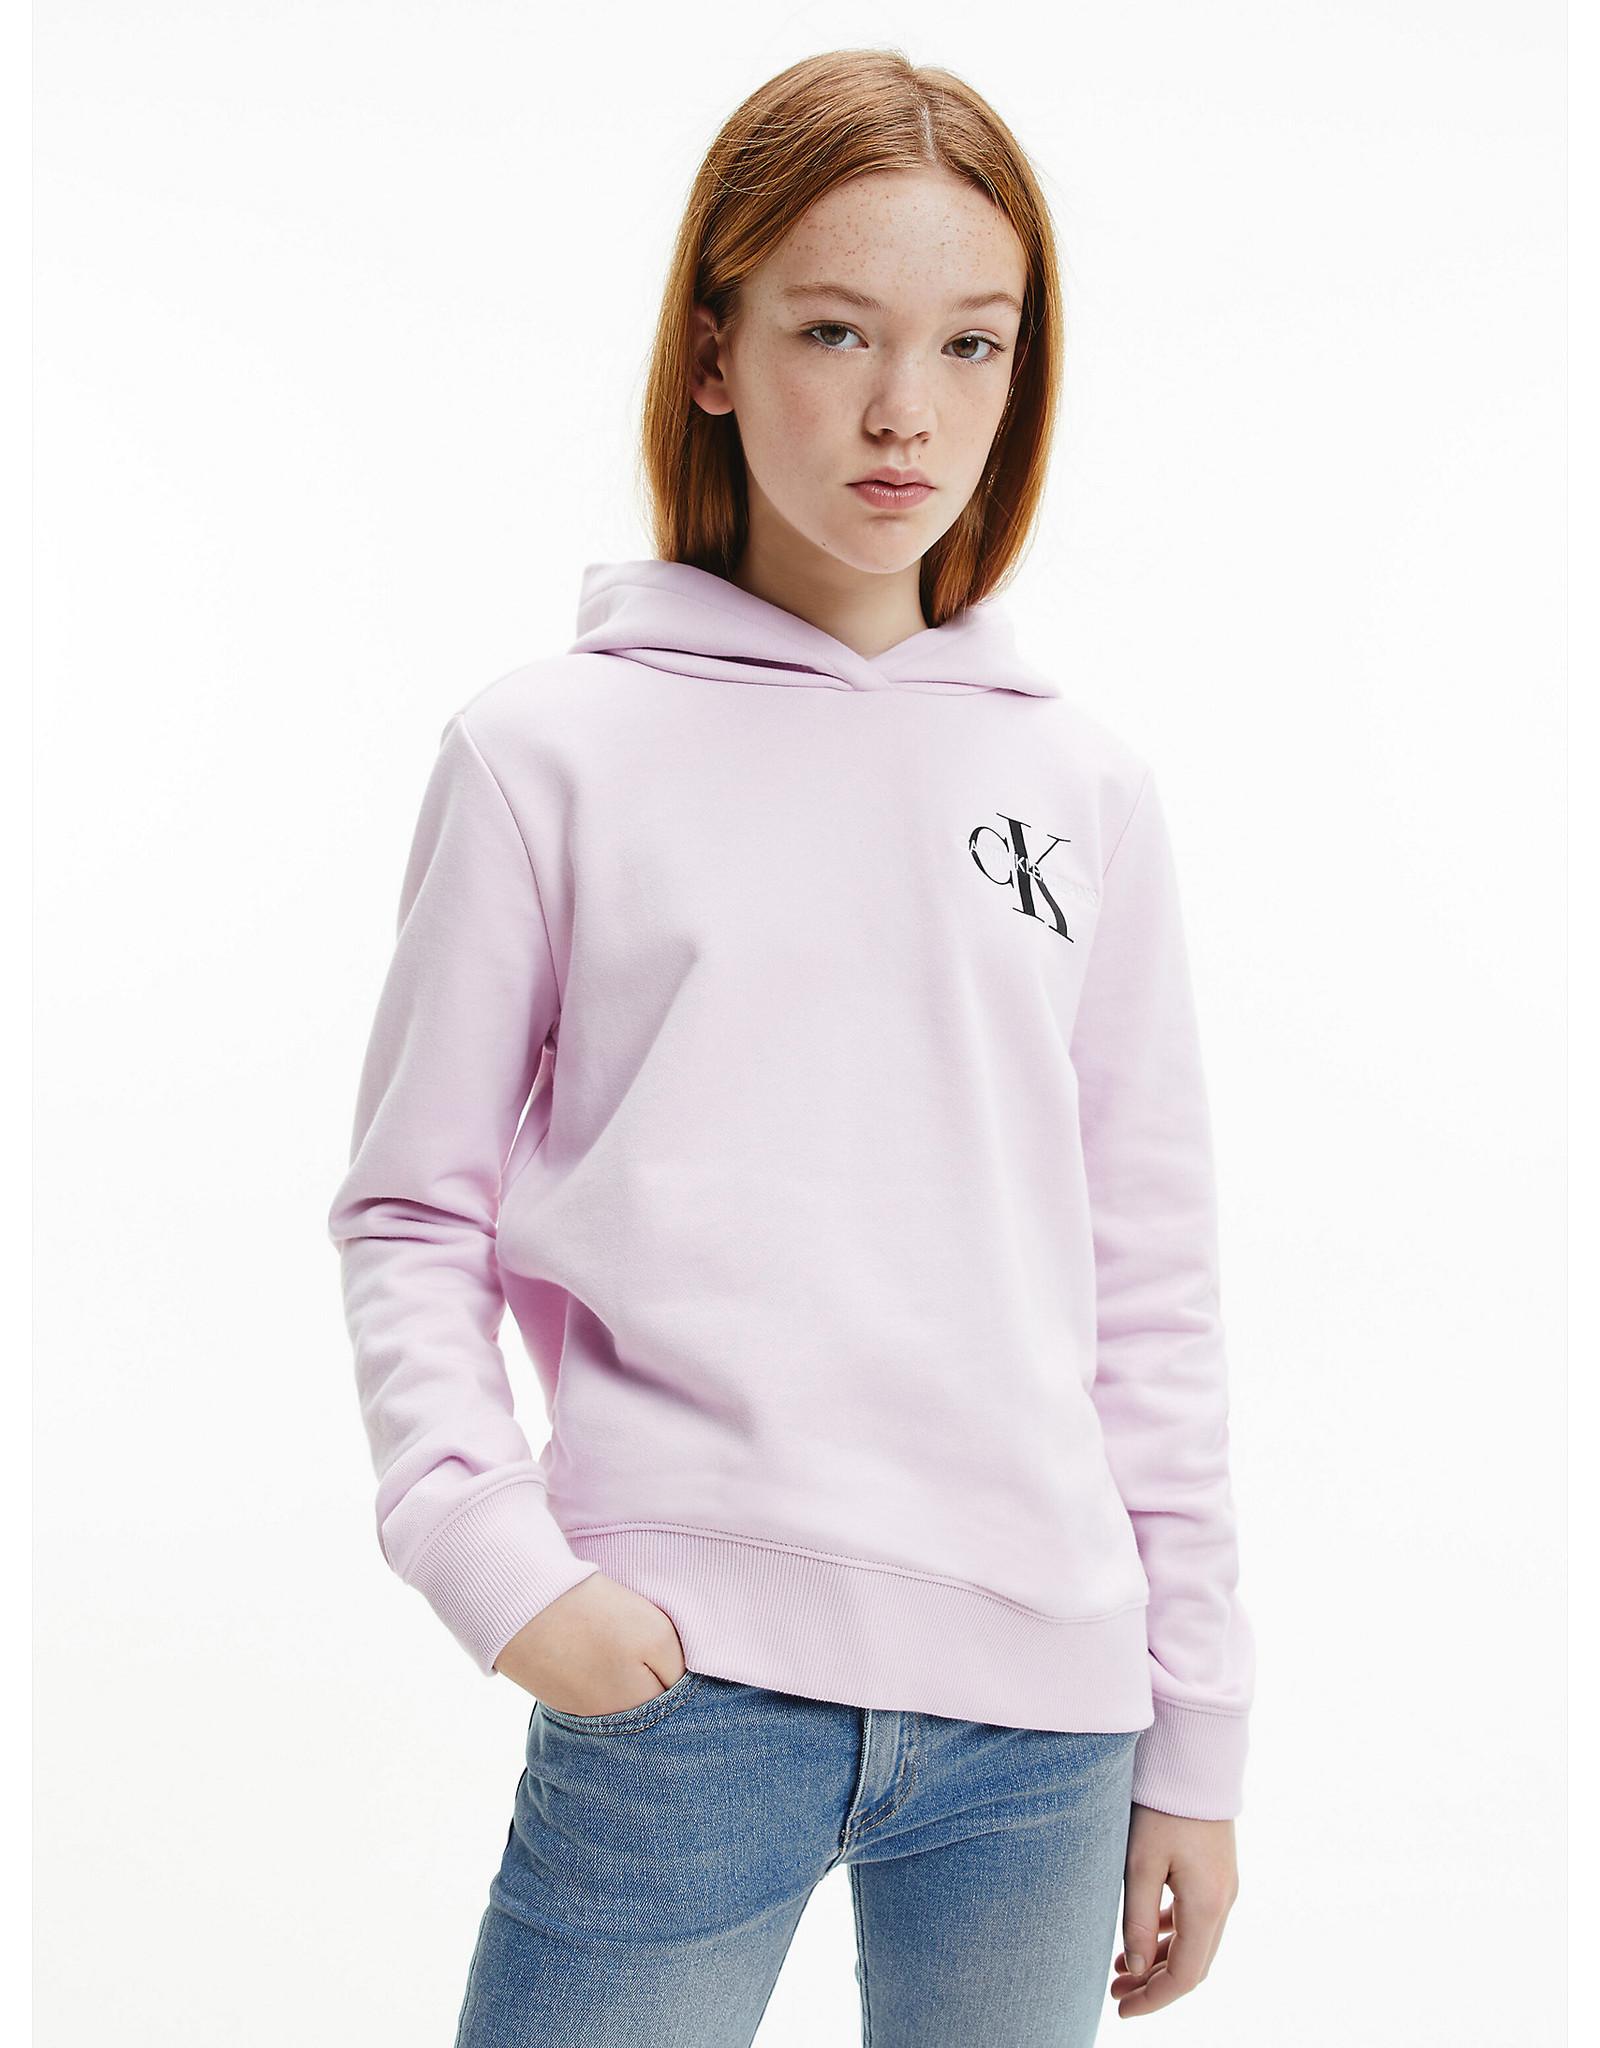 Calvin Klein 00164 Sweater